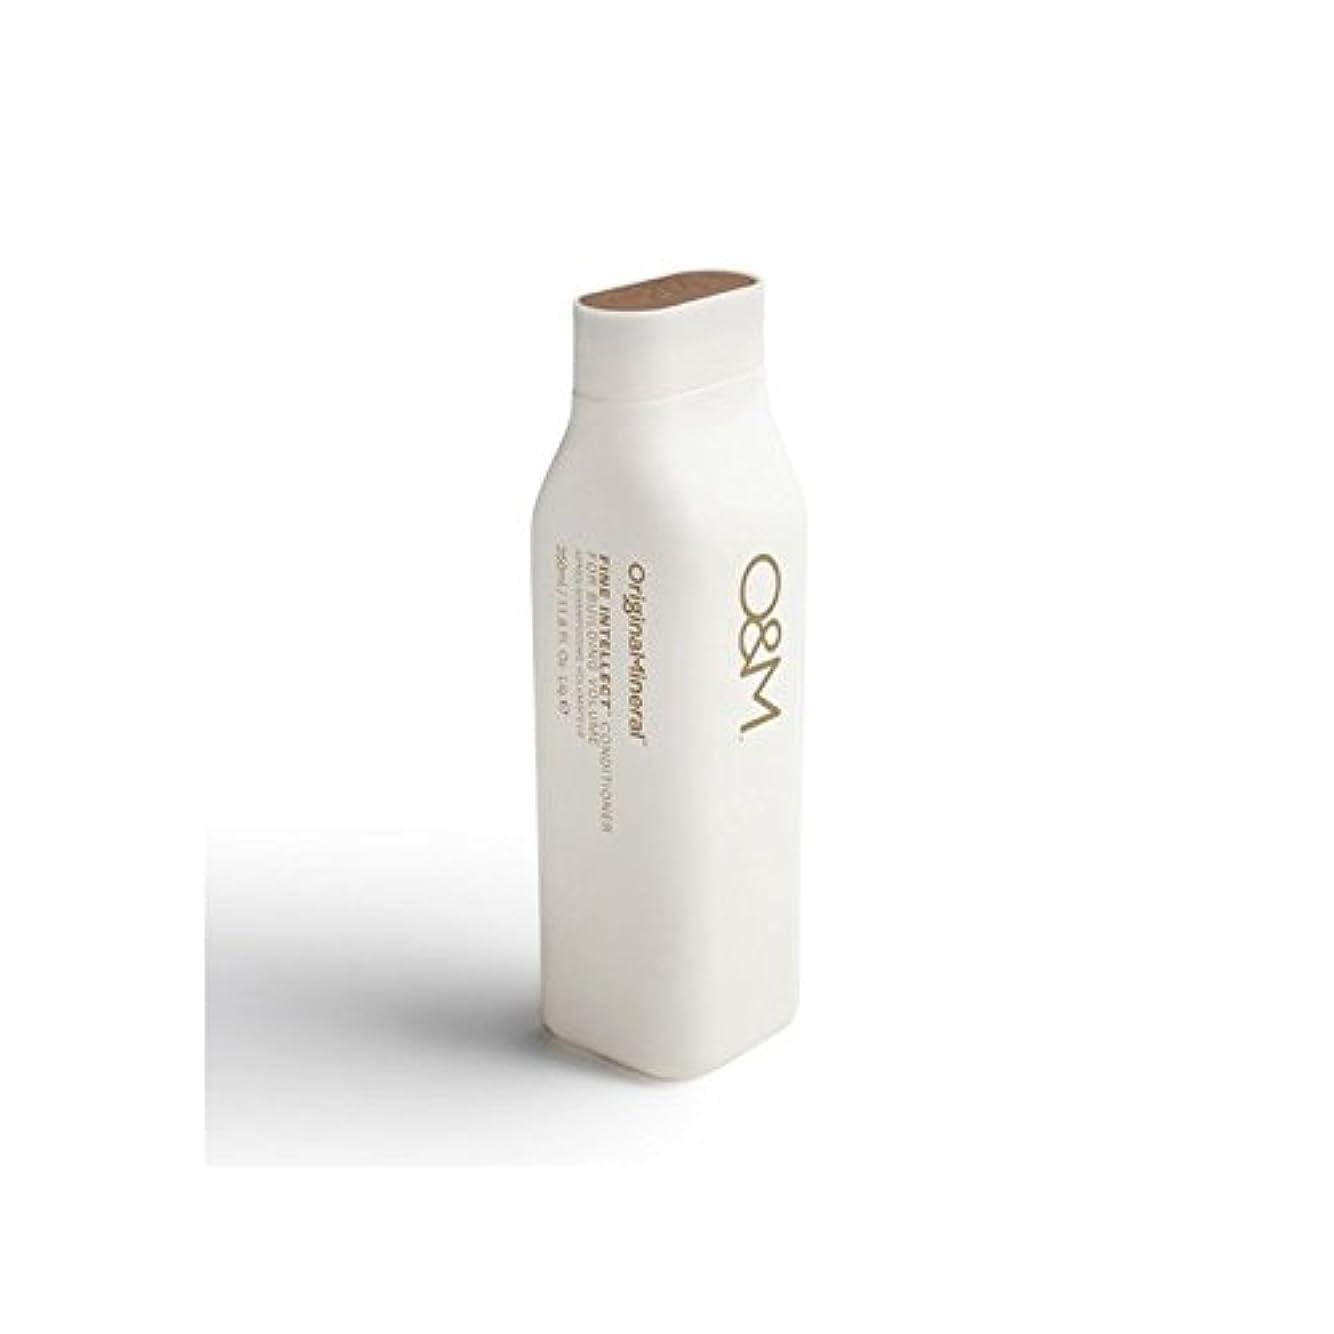 アーティキュレーション栄光の起こりやすいOriginal & Mineral Fine Intellect Conditioner (350ml) - オリジナル&ミネラル細かい知性コンディショナー(350ミリリットル) [並行輸入品]